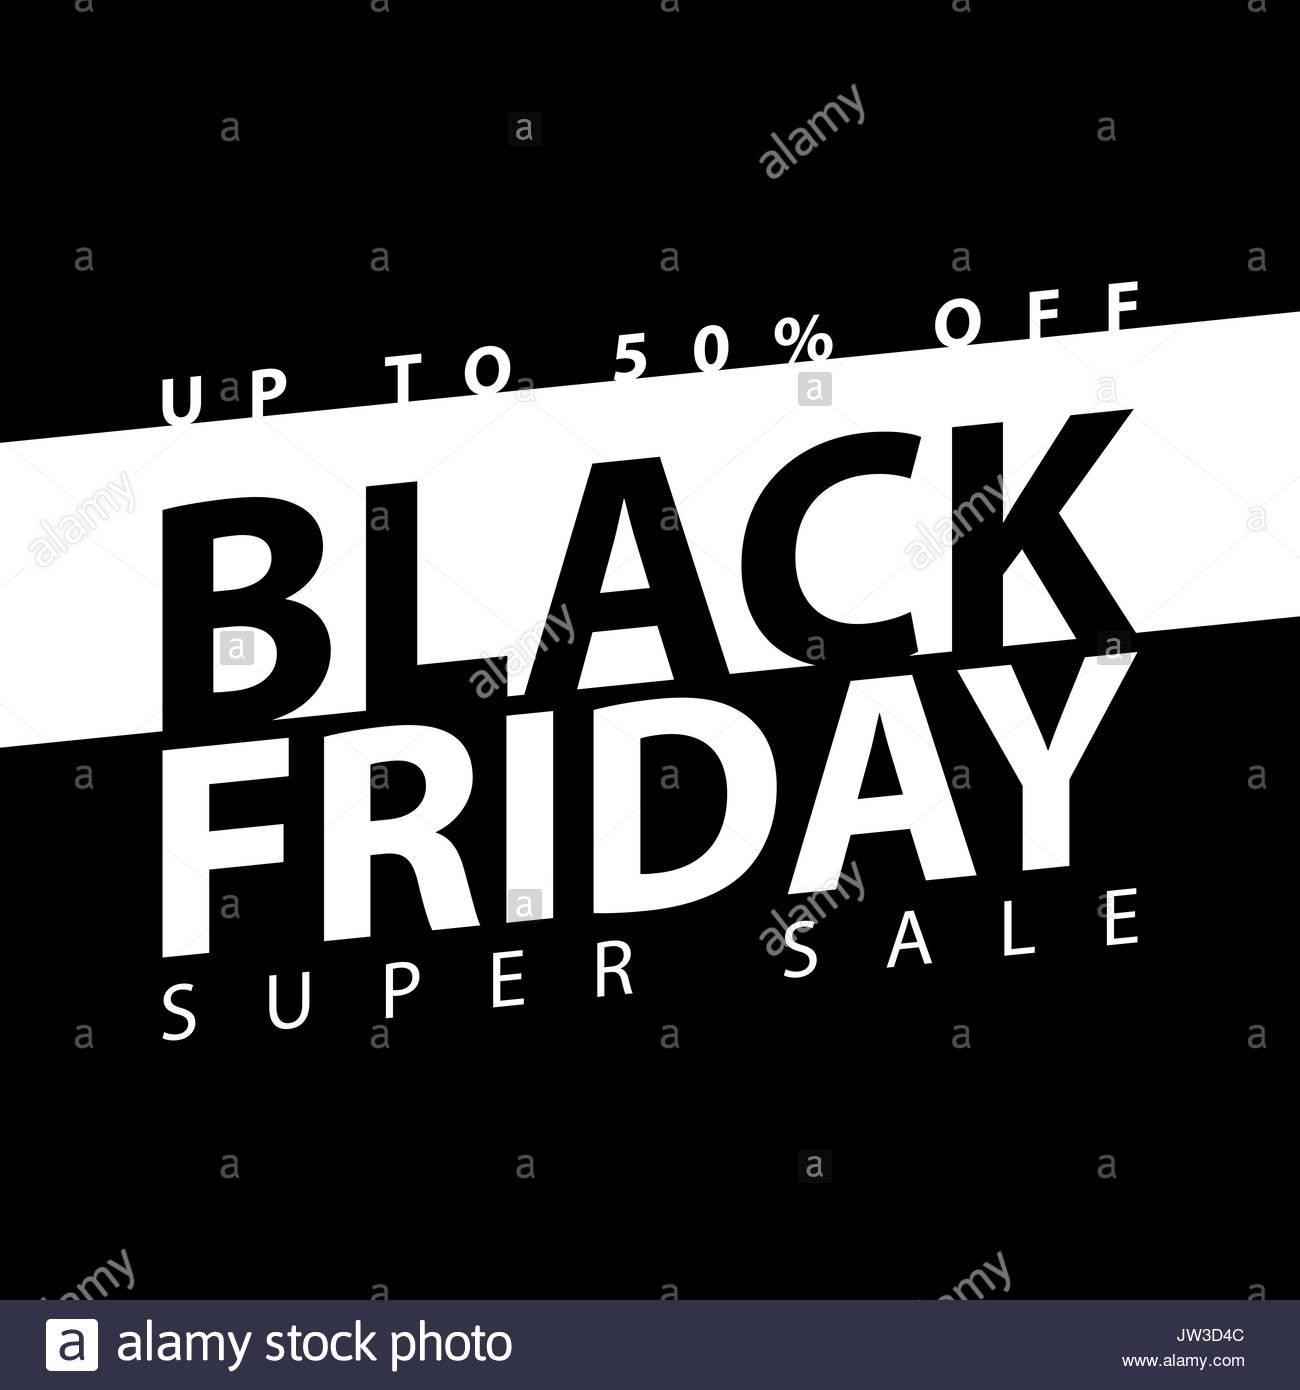 black friday super sale poster clearance mega discount flyer stock vector art illustration. Black Bedroom Furniture Sets. Home Design Ideas